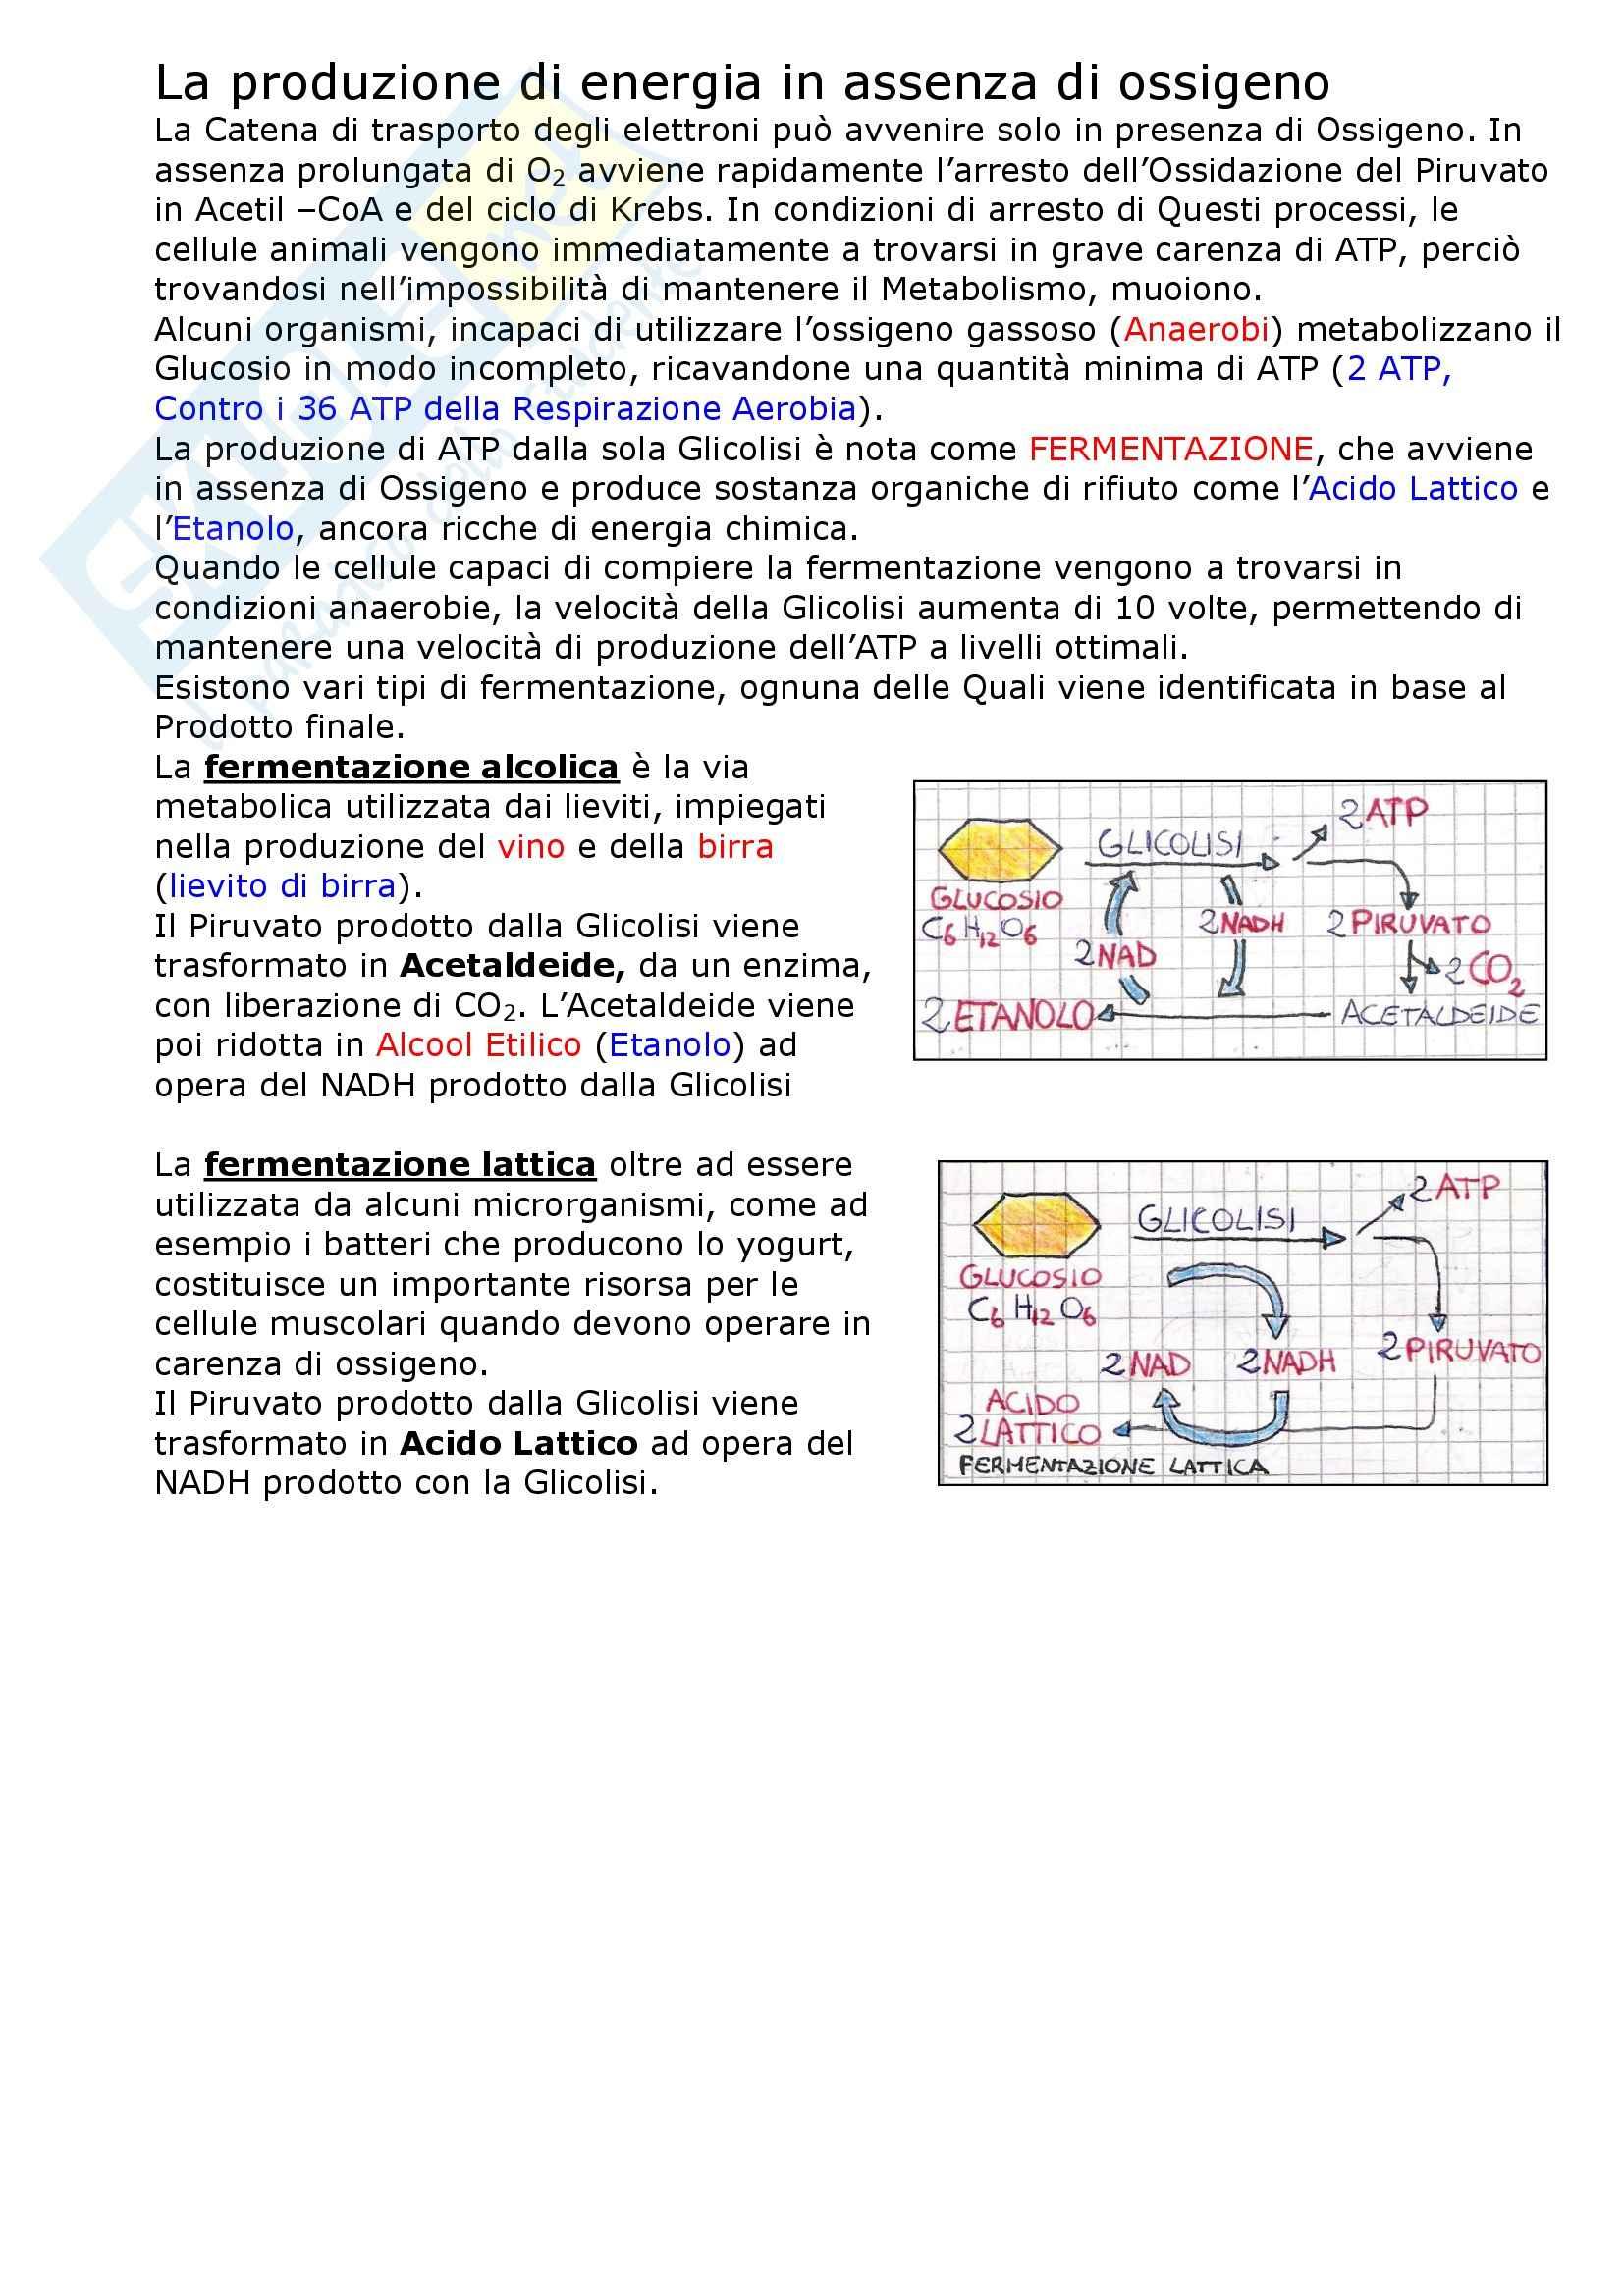 Biologia dei microrganismi - il metabolismo cellulare Pag. 11